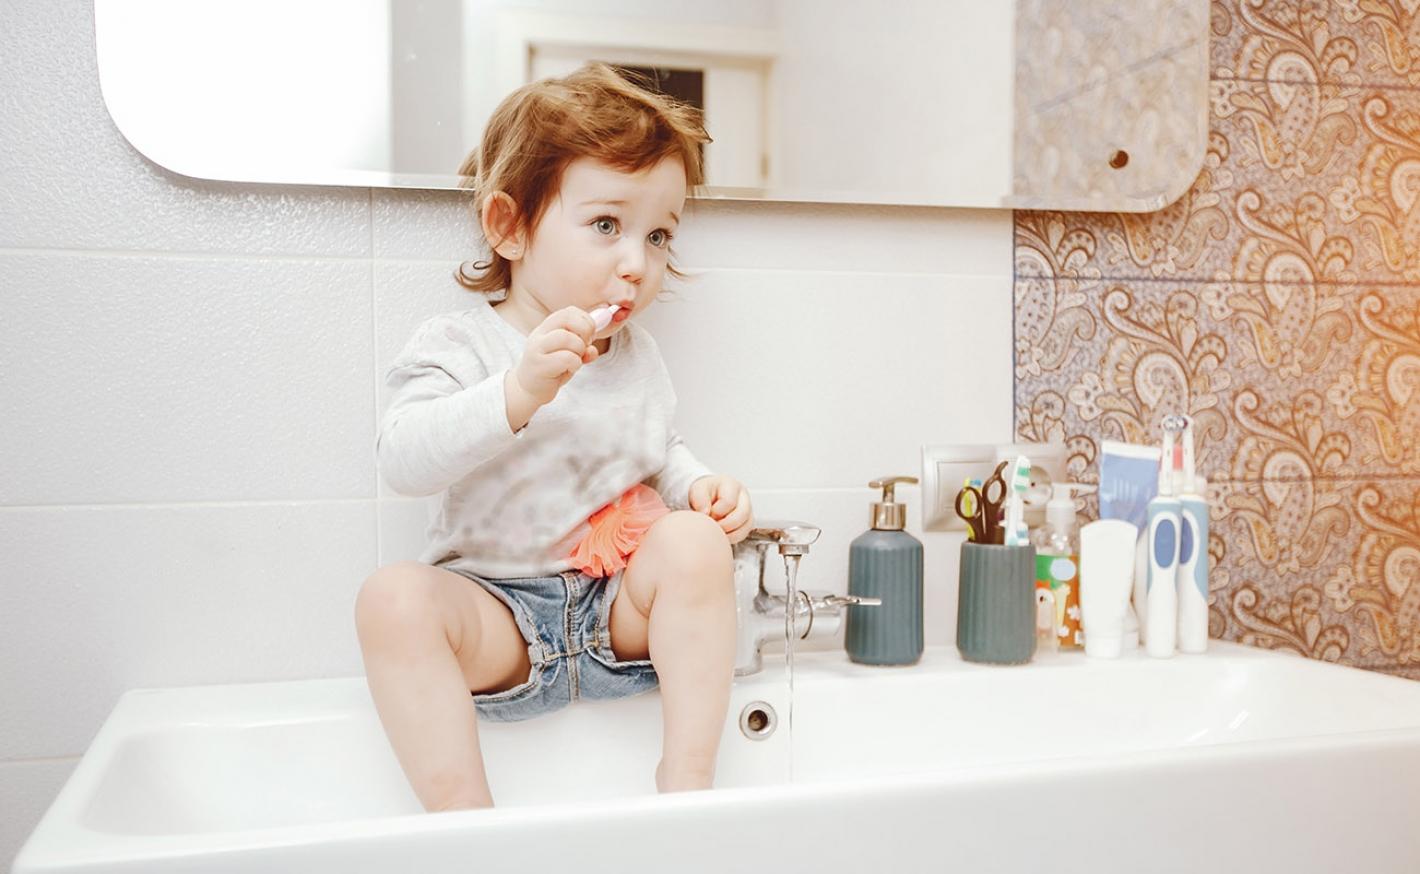 Jak správně pečovat o první zoubky